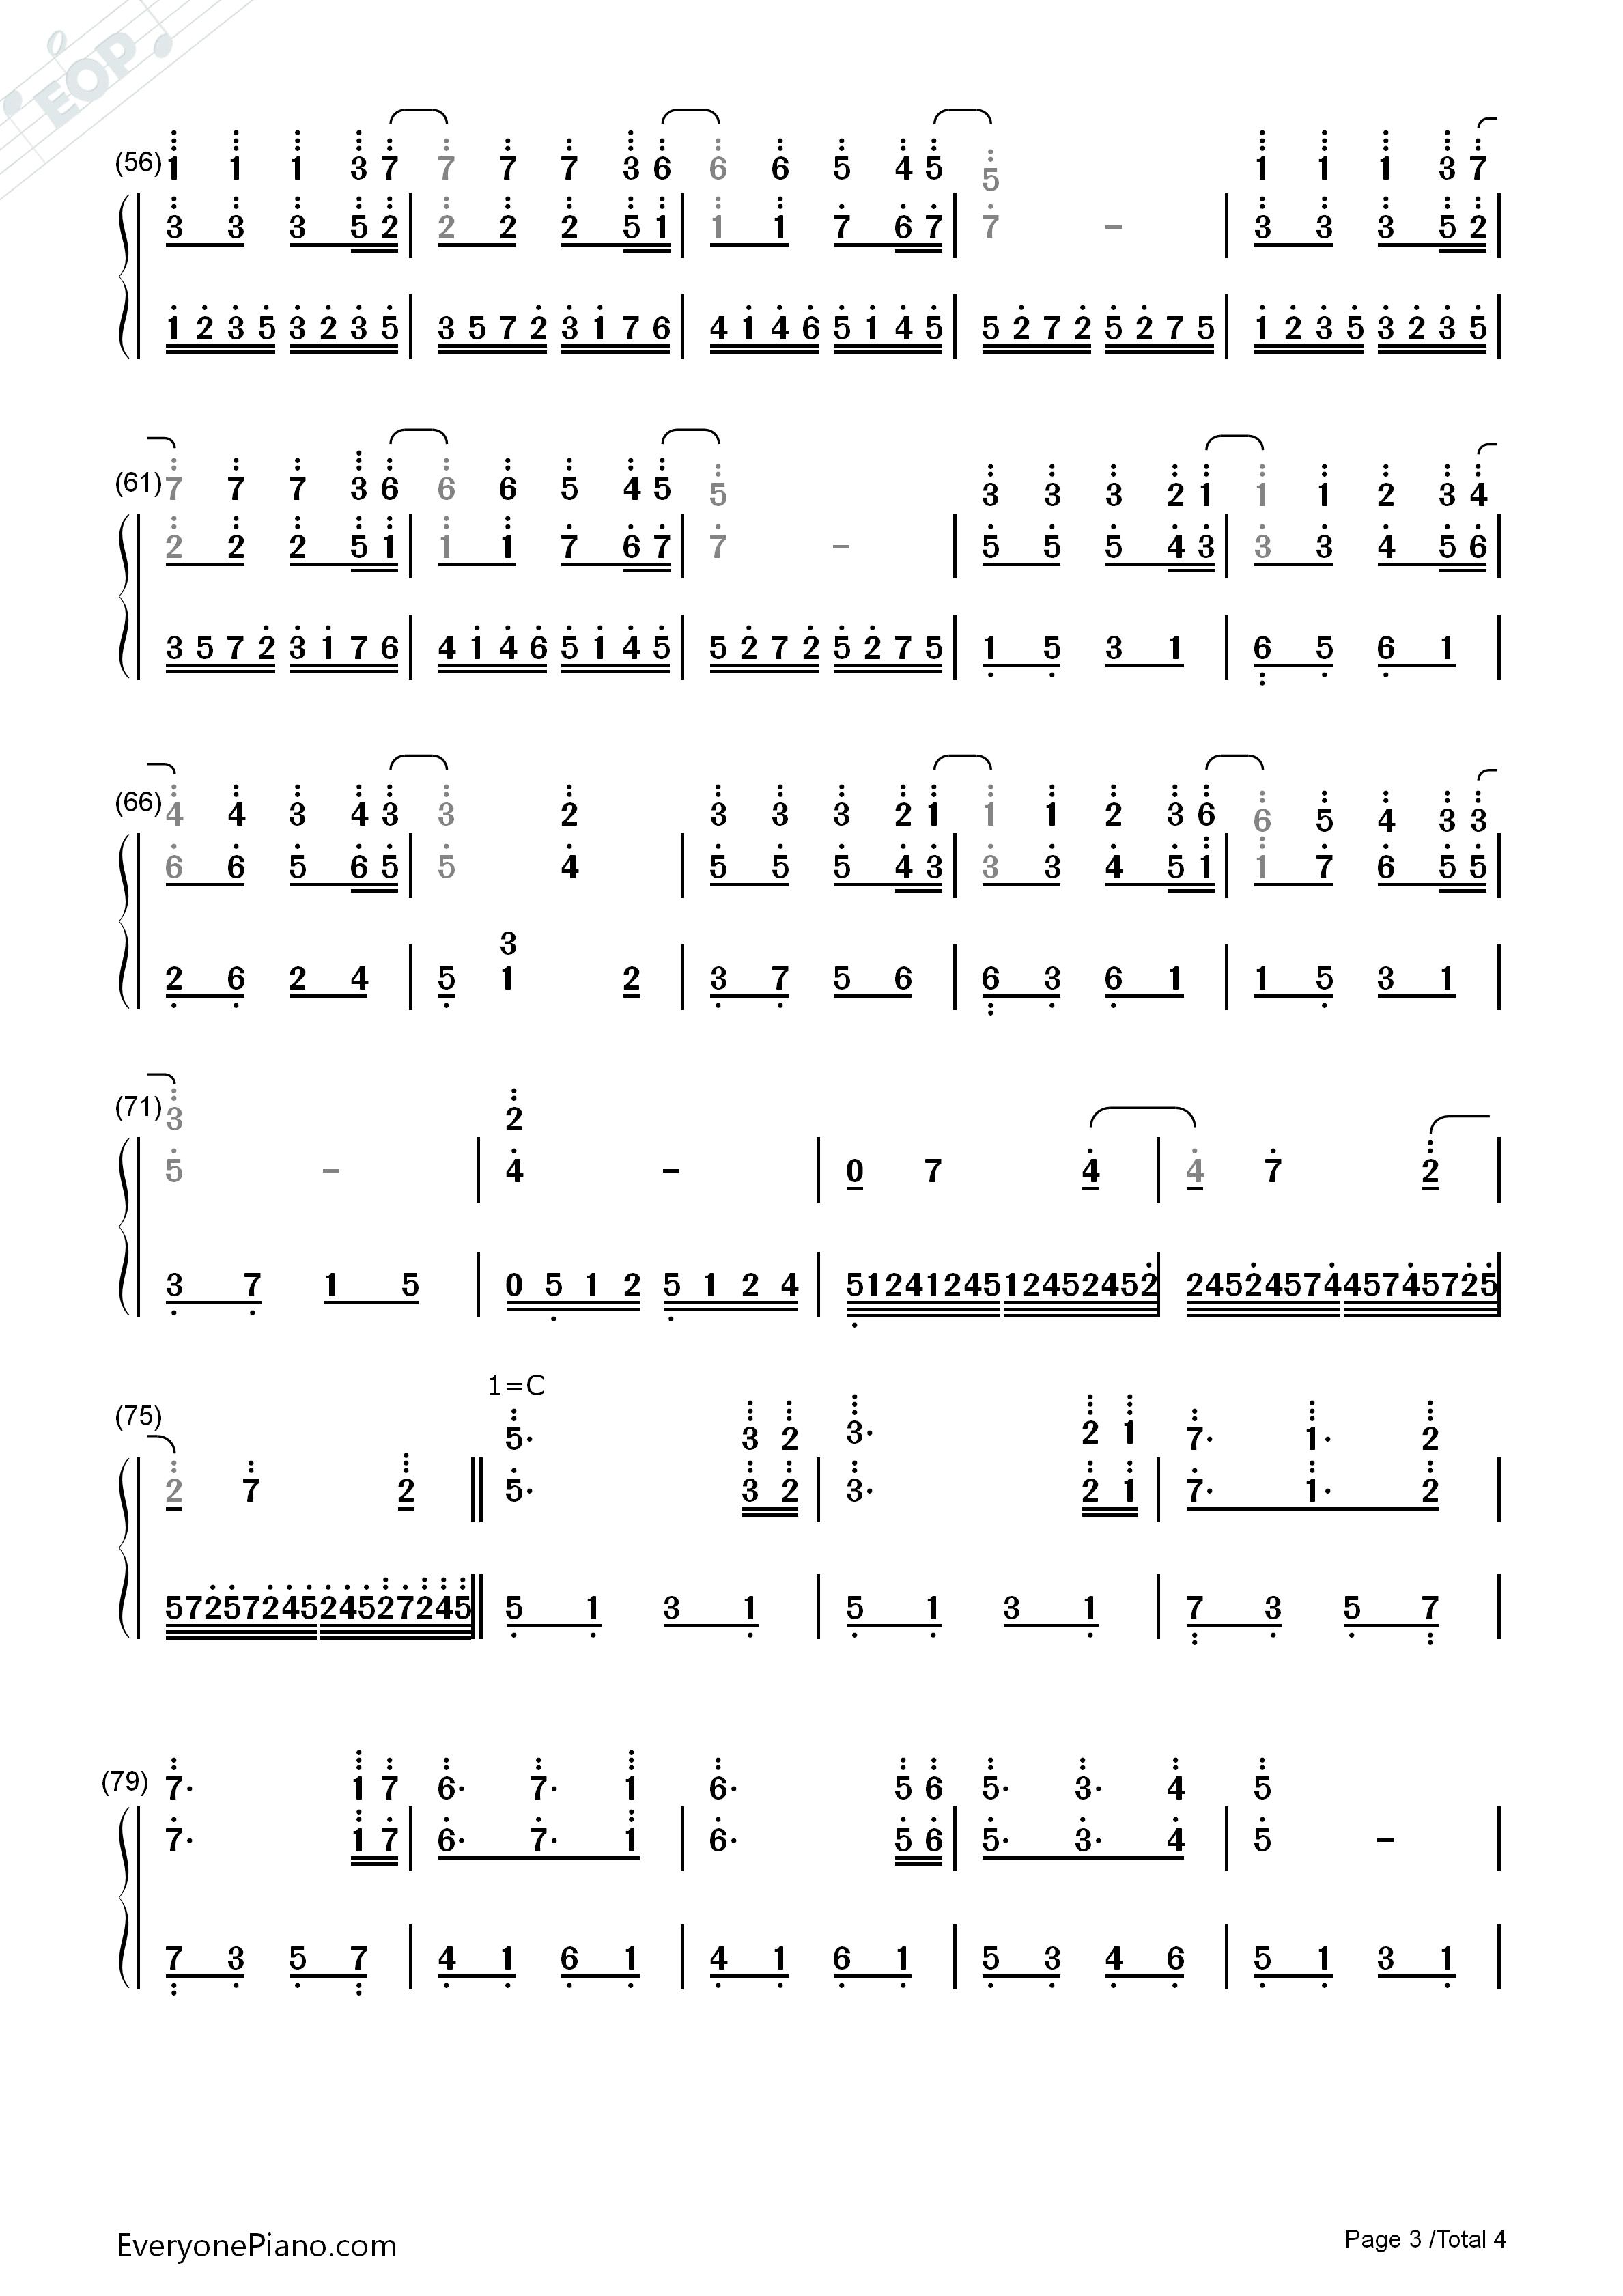 钢琴曲谱 儿歌 星星小夜曲-理查德克莱德曼-eop教学曲 星星小夜曲